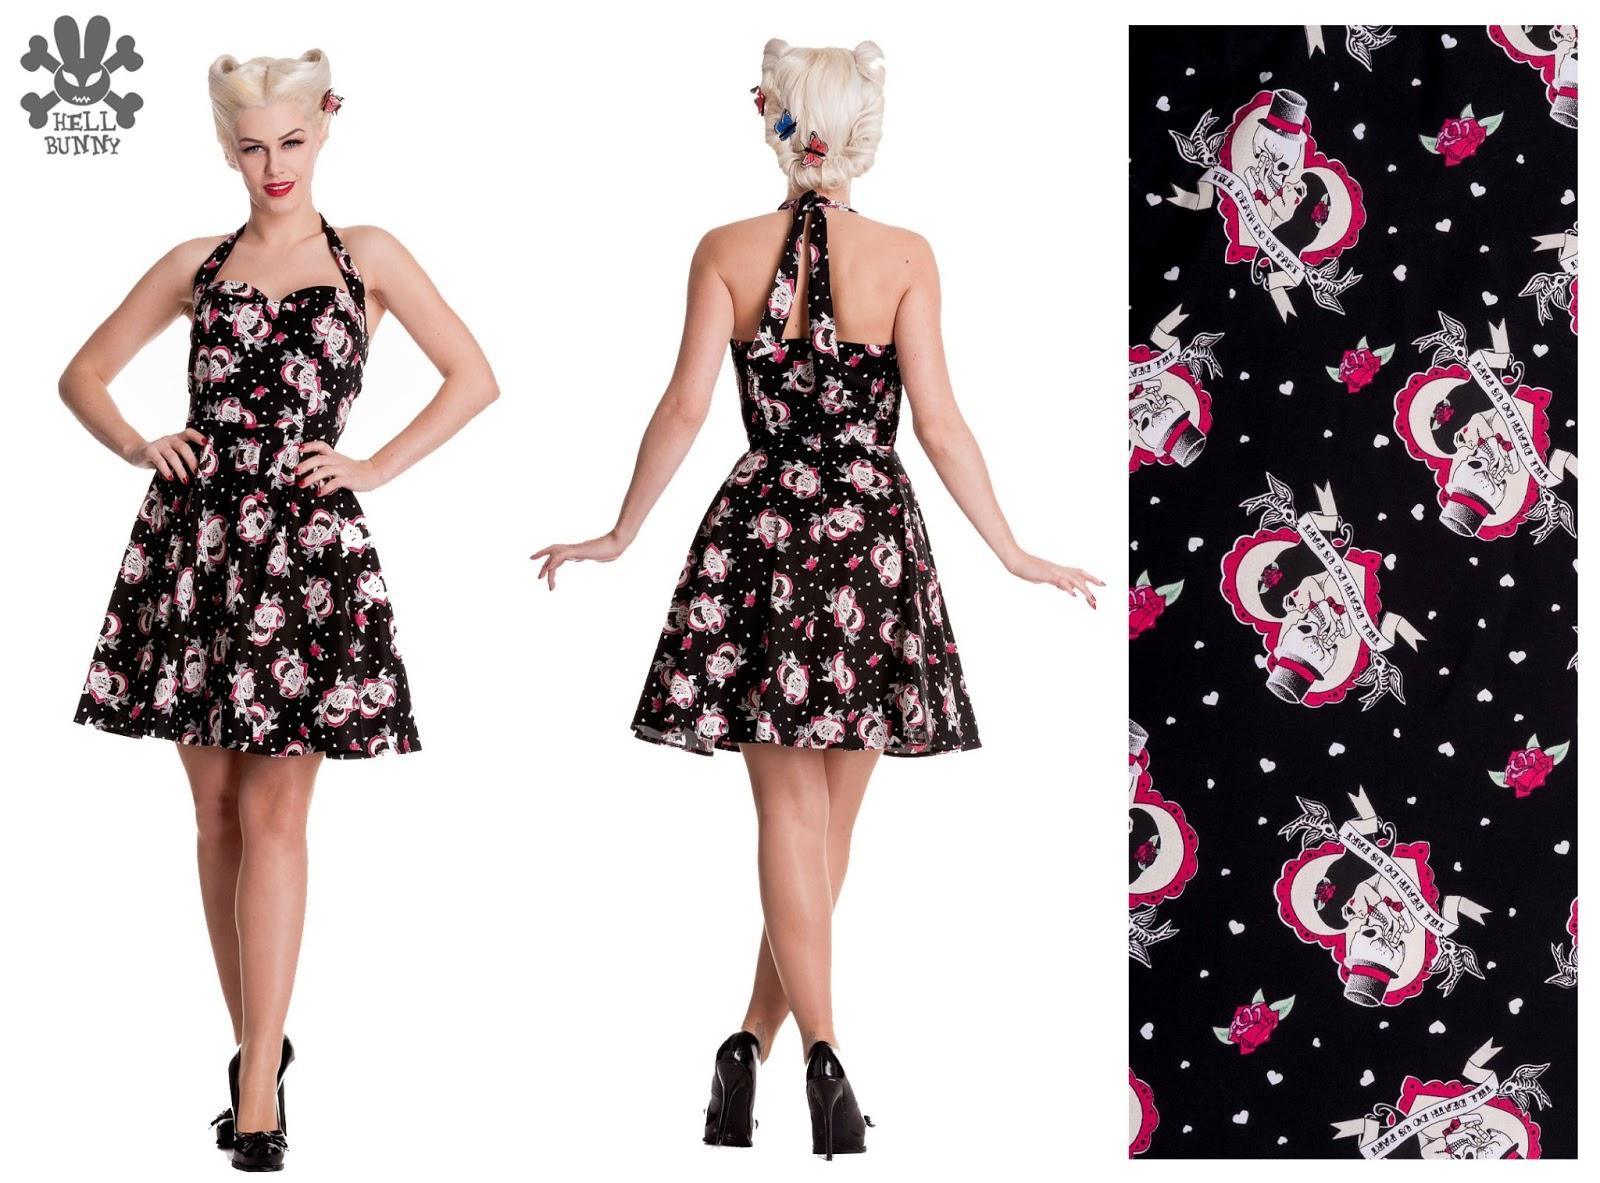 http://2.bp.blogspot.com/-YiPC_bIaggQ/UPBDxxLq9YI/AAAAAAAAApM/L-cJxtSwTJo/s1600/STARCROSSED-DRESS.jpg